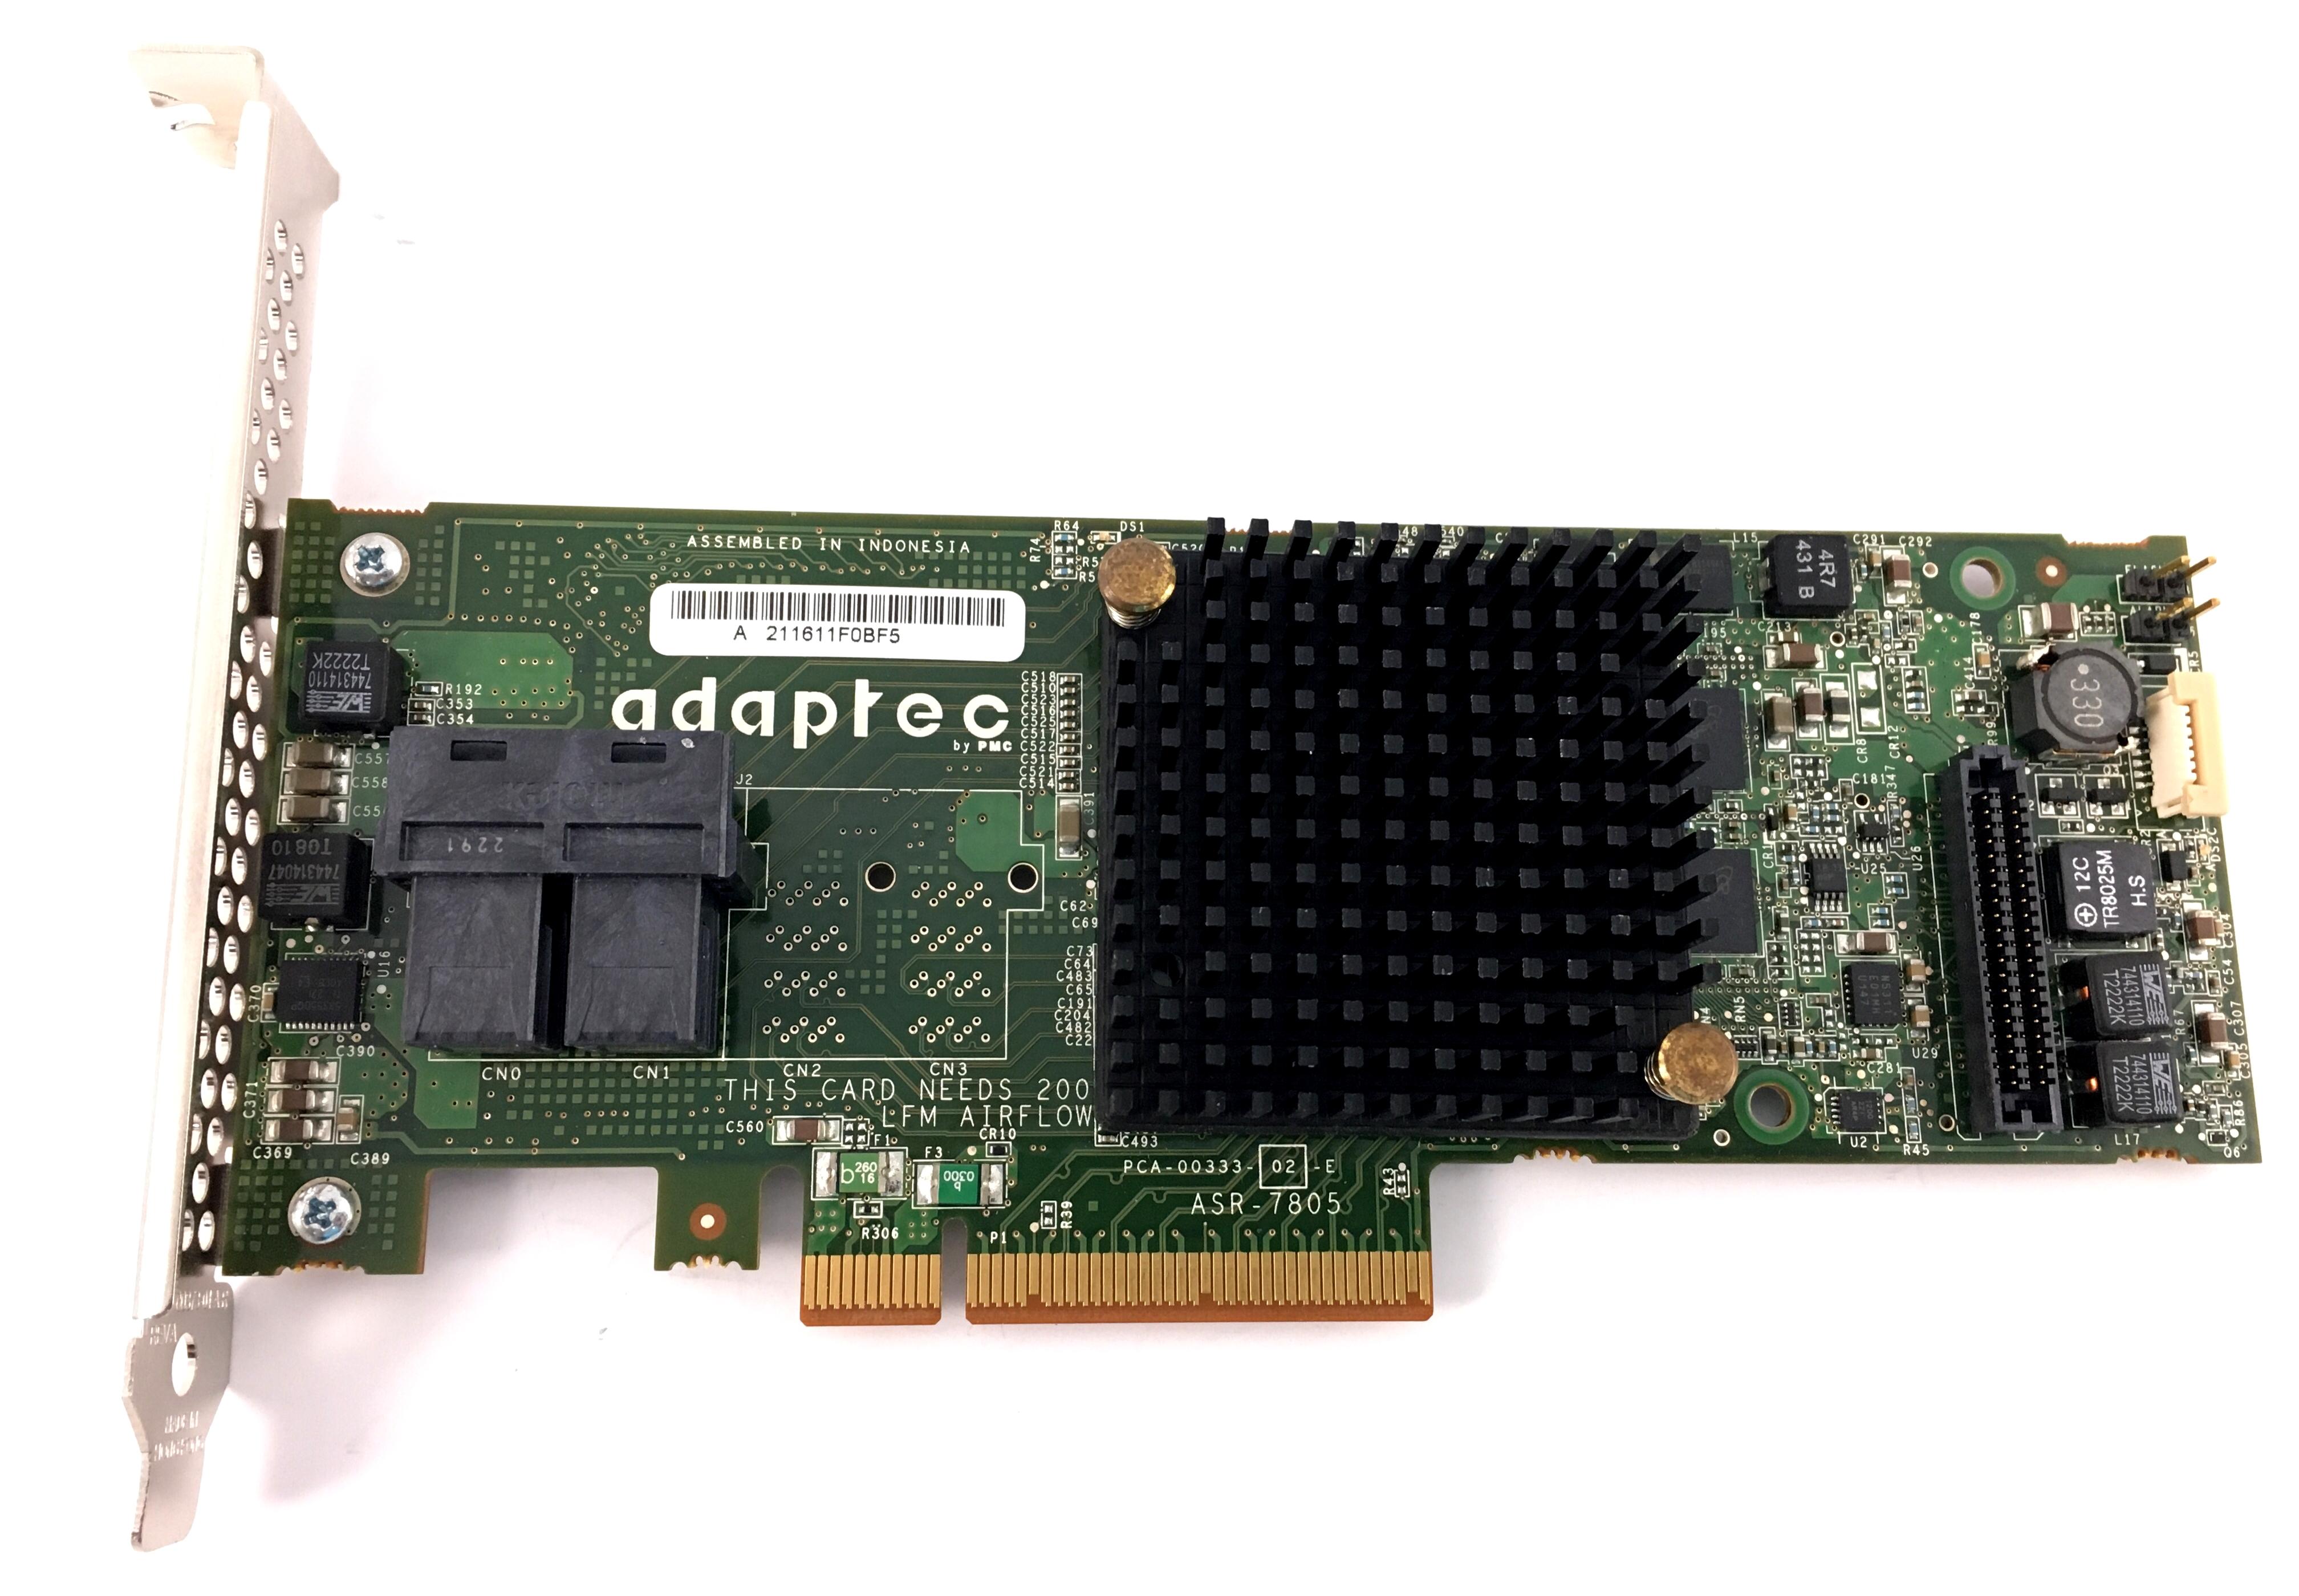 Adaptec 6Gbps SAS SATA 1GB PCIe Gen3 Raid Controller Card (ASR-7805)